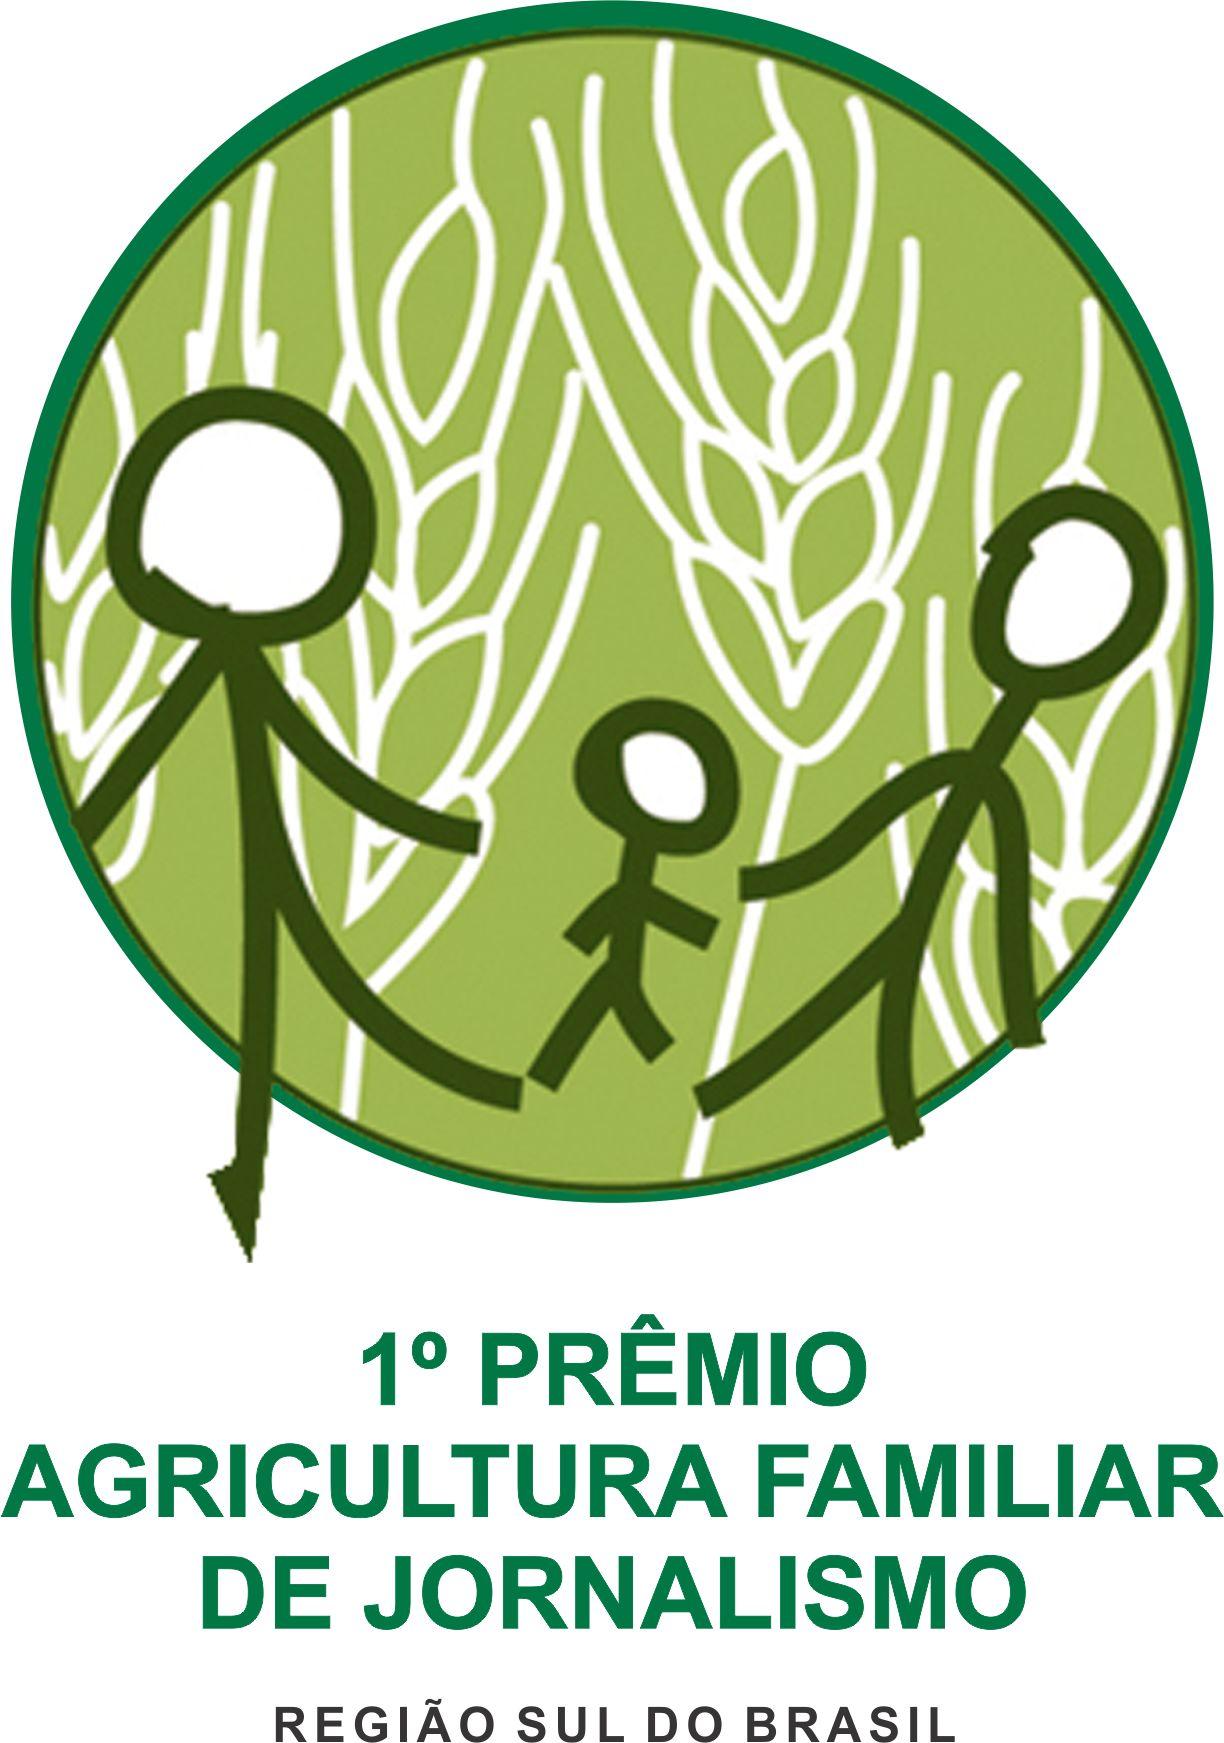 1º Prêmio Agricultura Familiar de Jornalismo para a Região Sul do Brasil